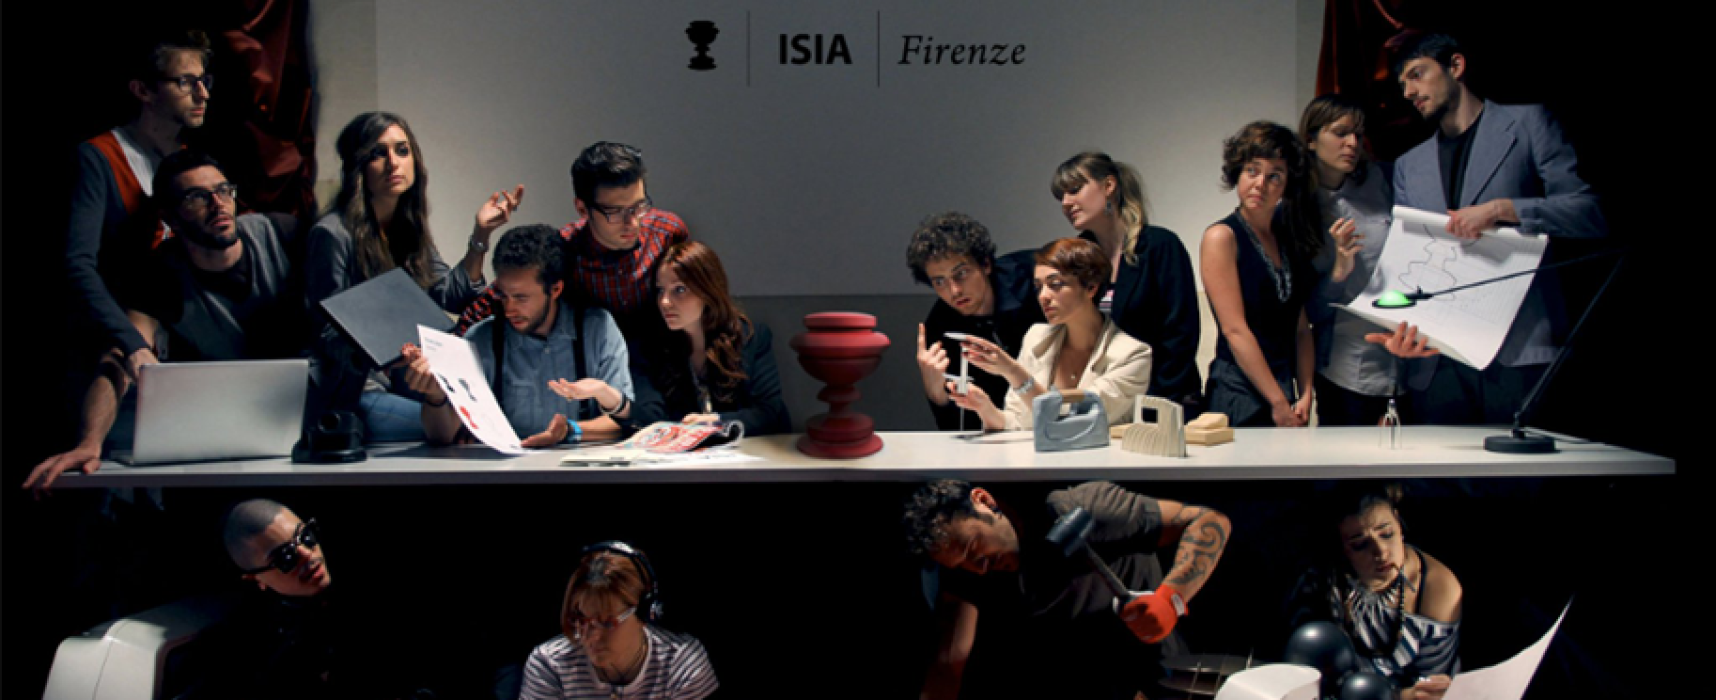 ISIA Design Firenze: aperte le iscrizioni